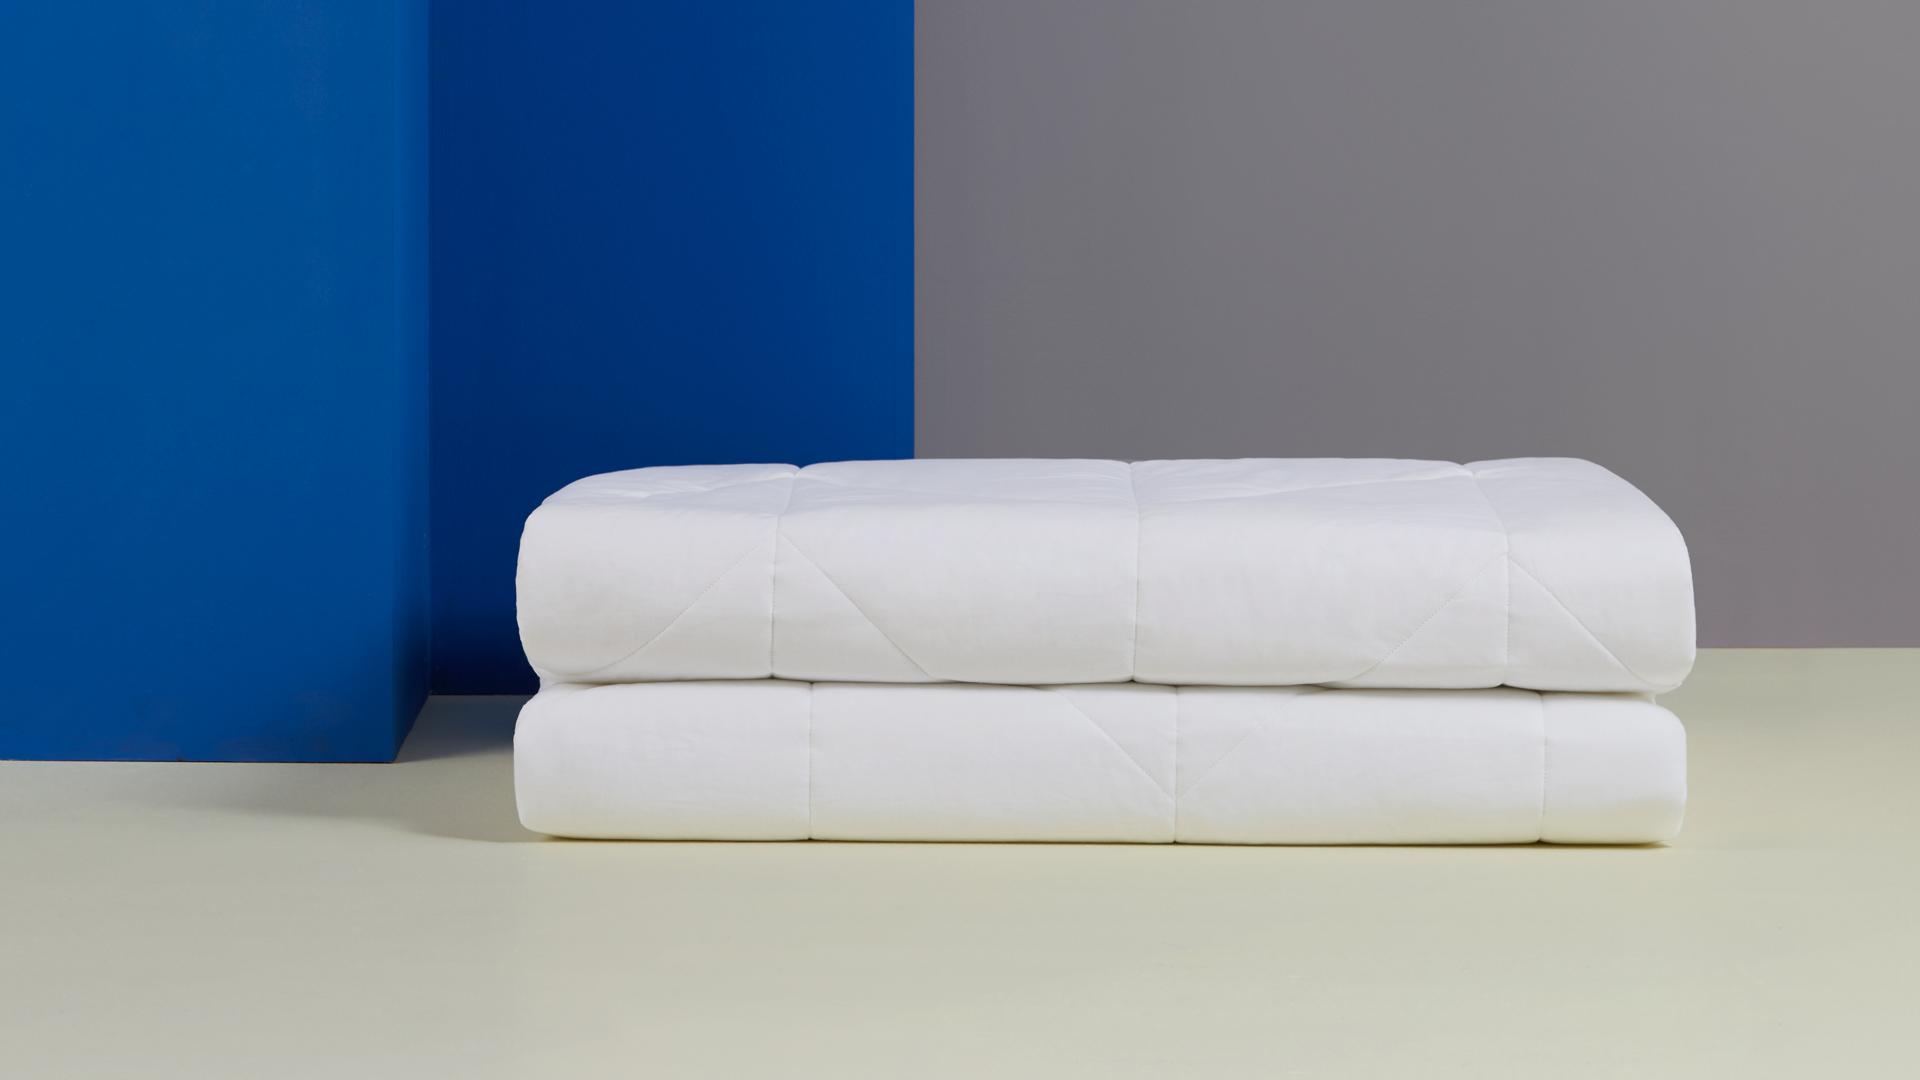 全尺寸1.2米、1.5米、1.8米三种可选,最大尺寸1.8米双人床的被芯重量仅为2100g,轻薄的身量,体重不超过4瓶普通矿泉水的总量,陪你轻盈入睡。?x-oss-process=image/format,jpg/interlace,1